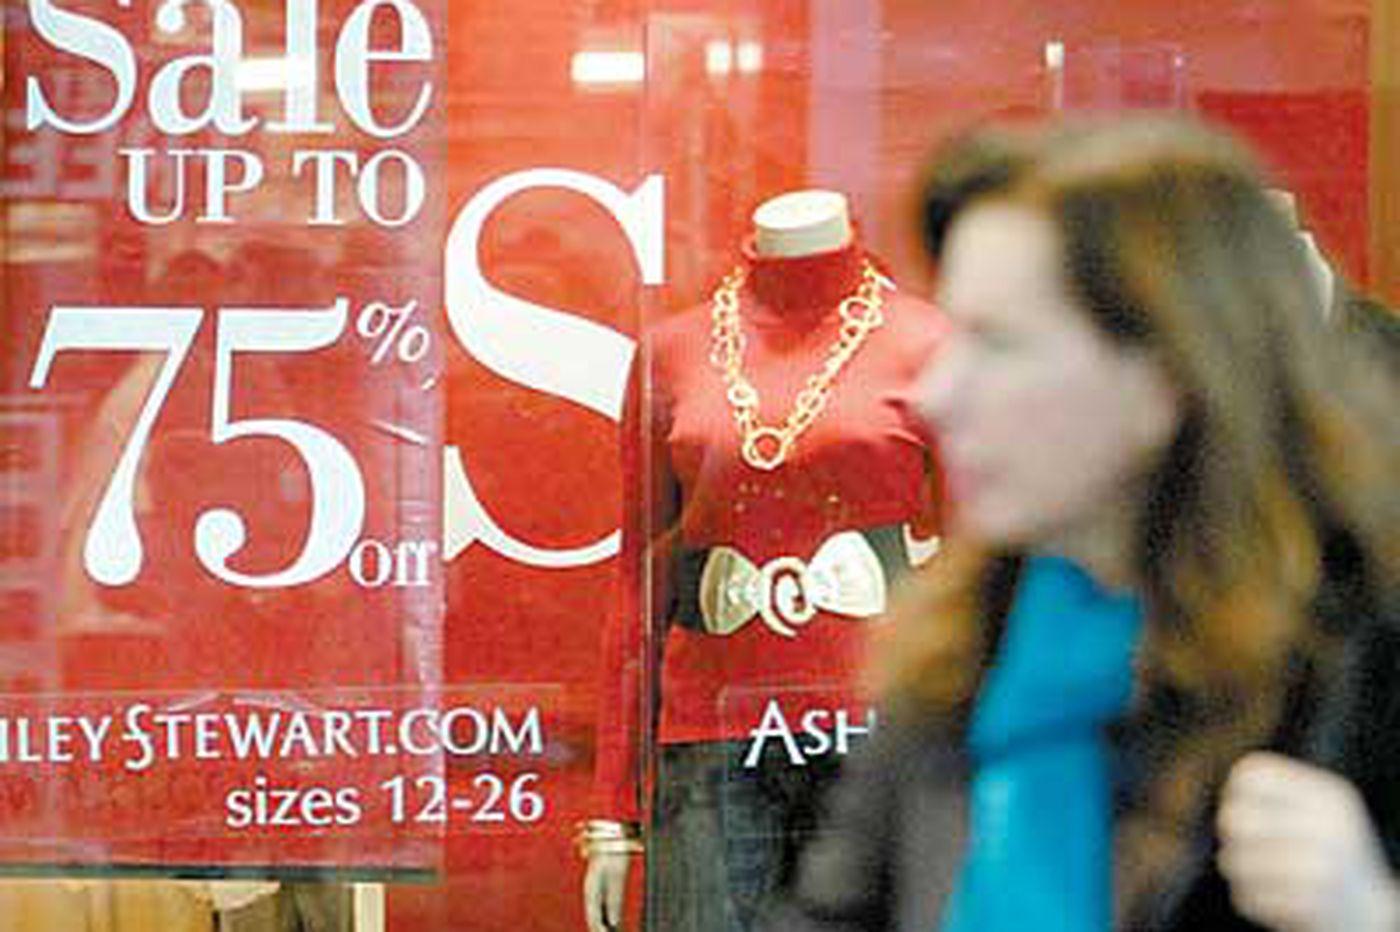 Bargain hunters pack lots at shopping malls